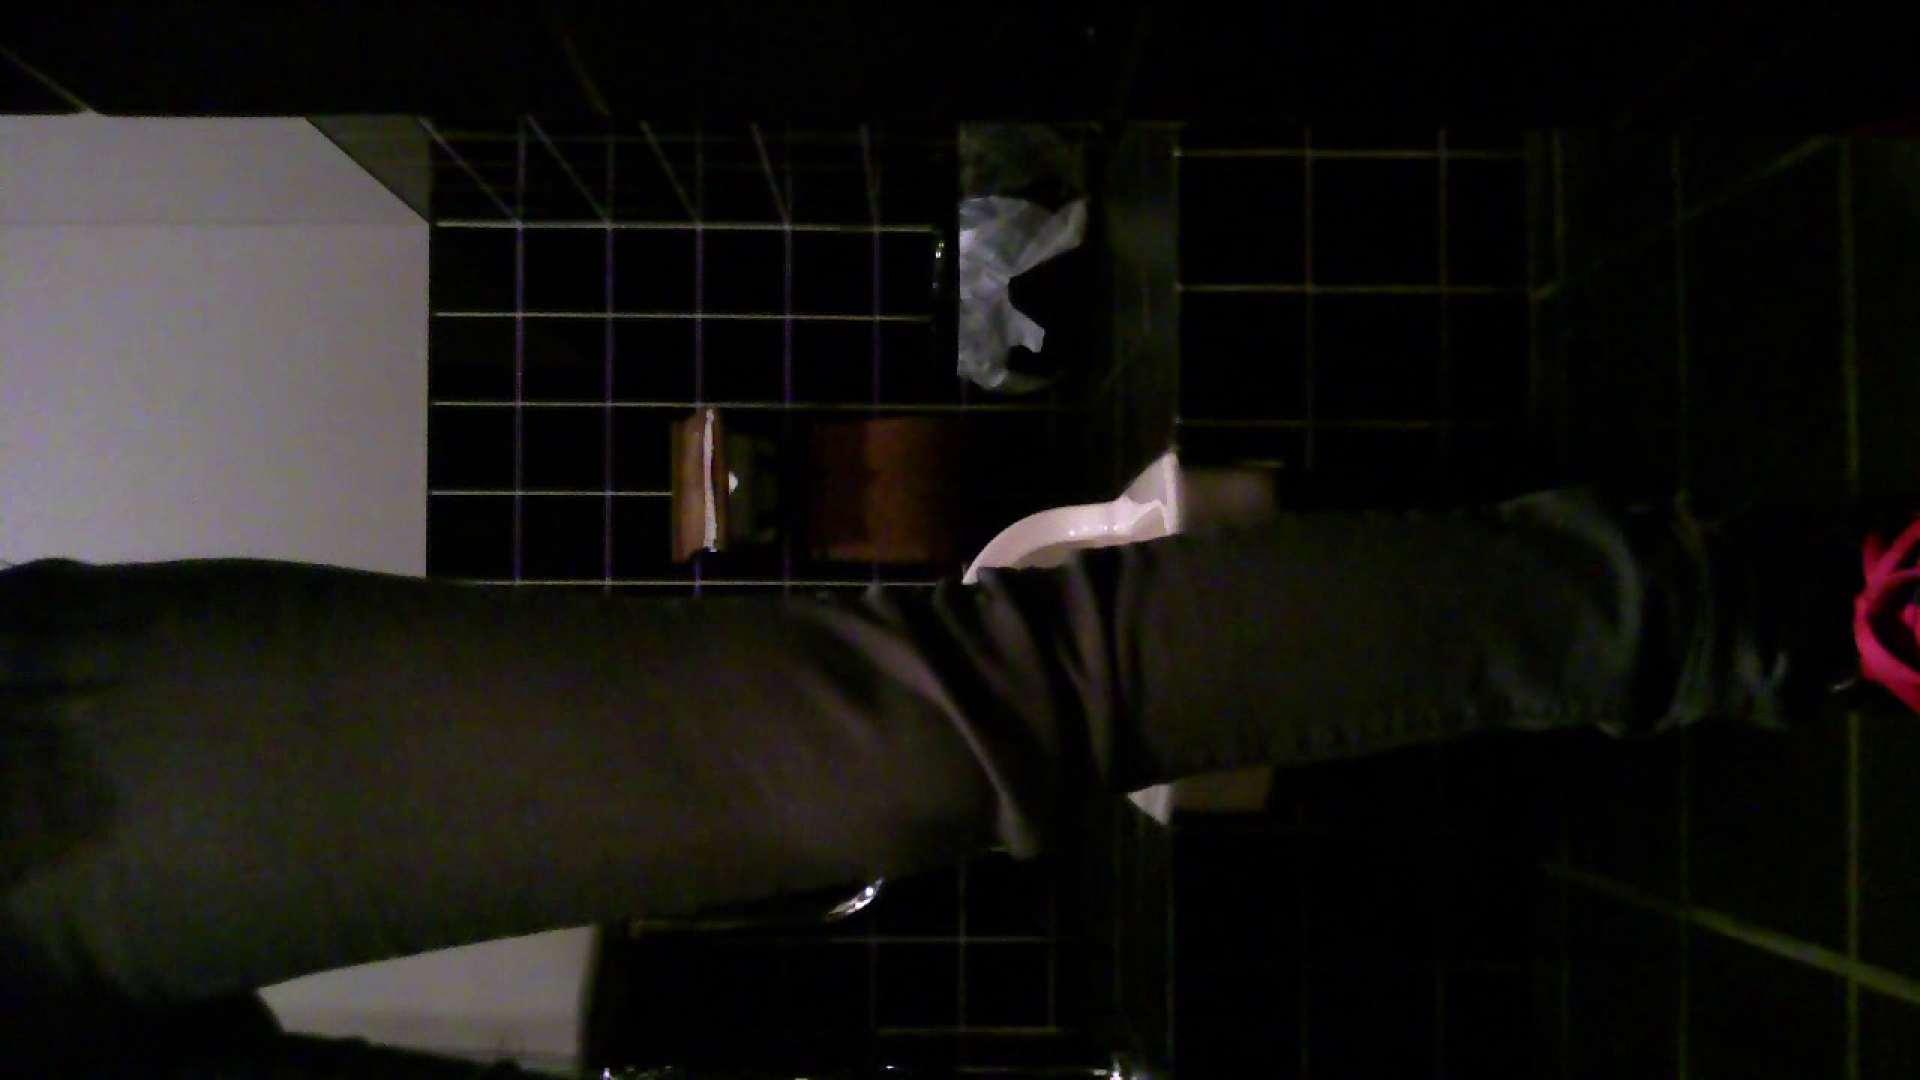 美女の集まる飲み屋洗面所 vol.02 美女エロ画像 | キャバ嬢エロ画像  99PICs 11